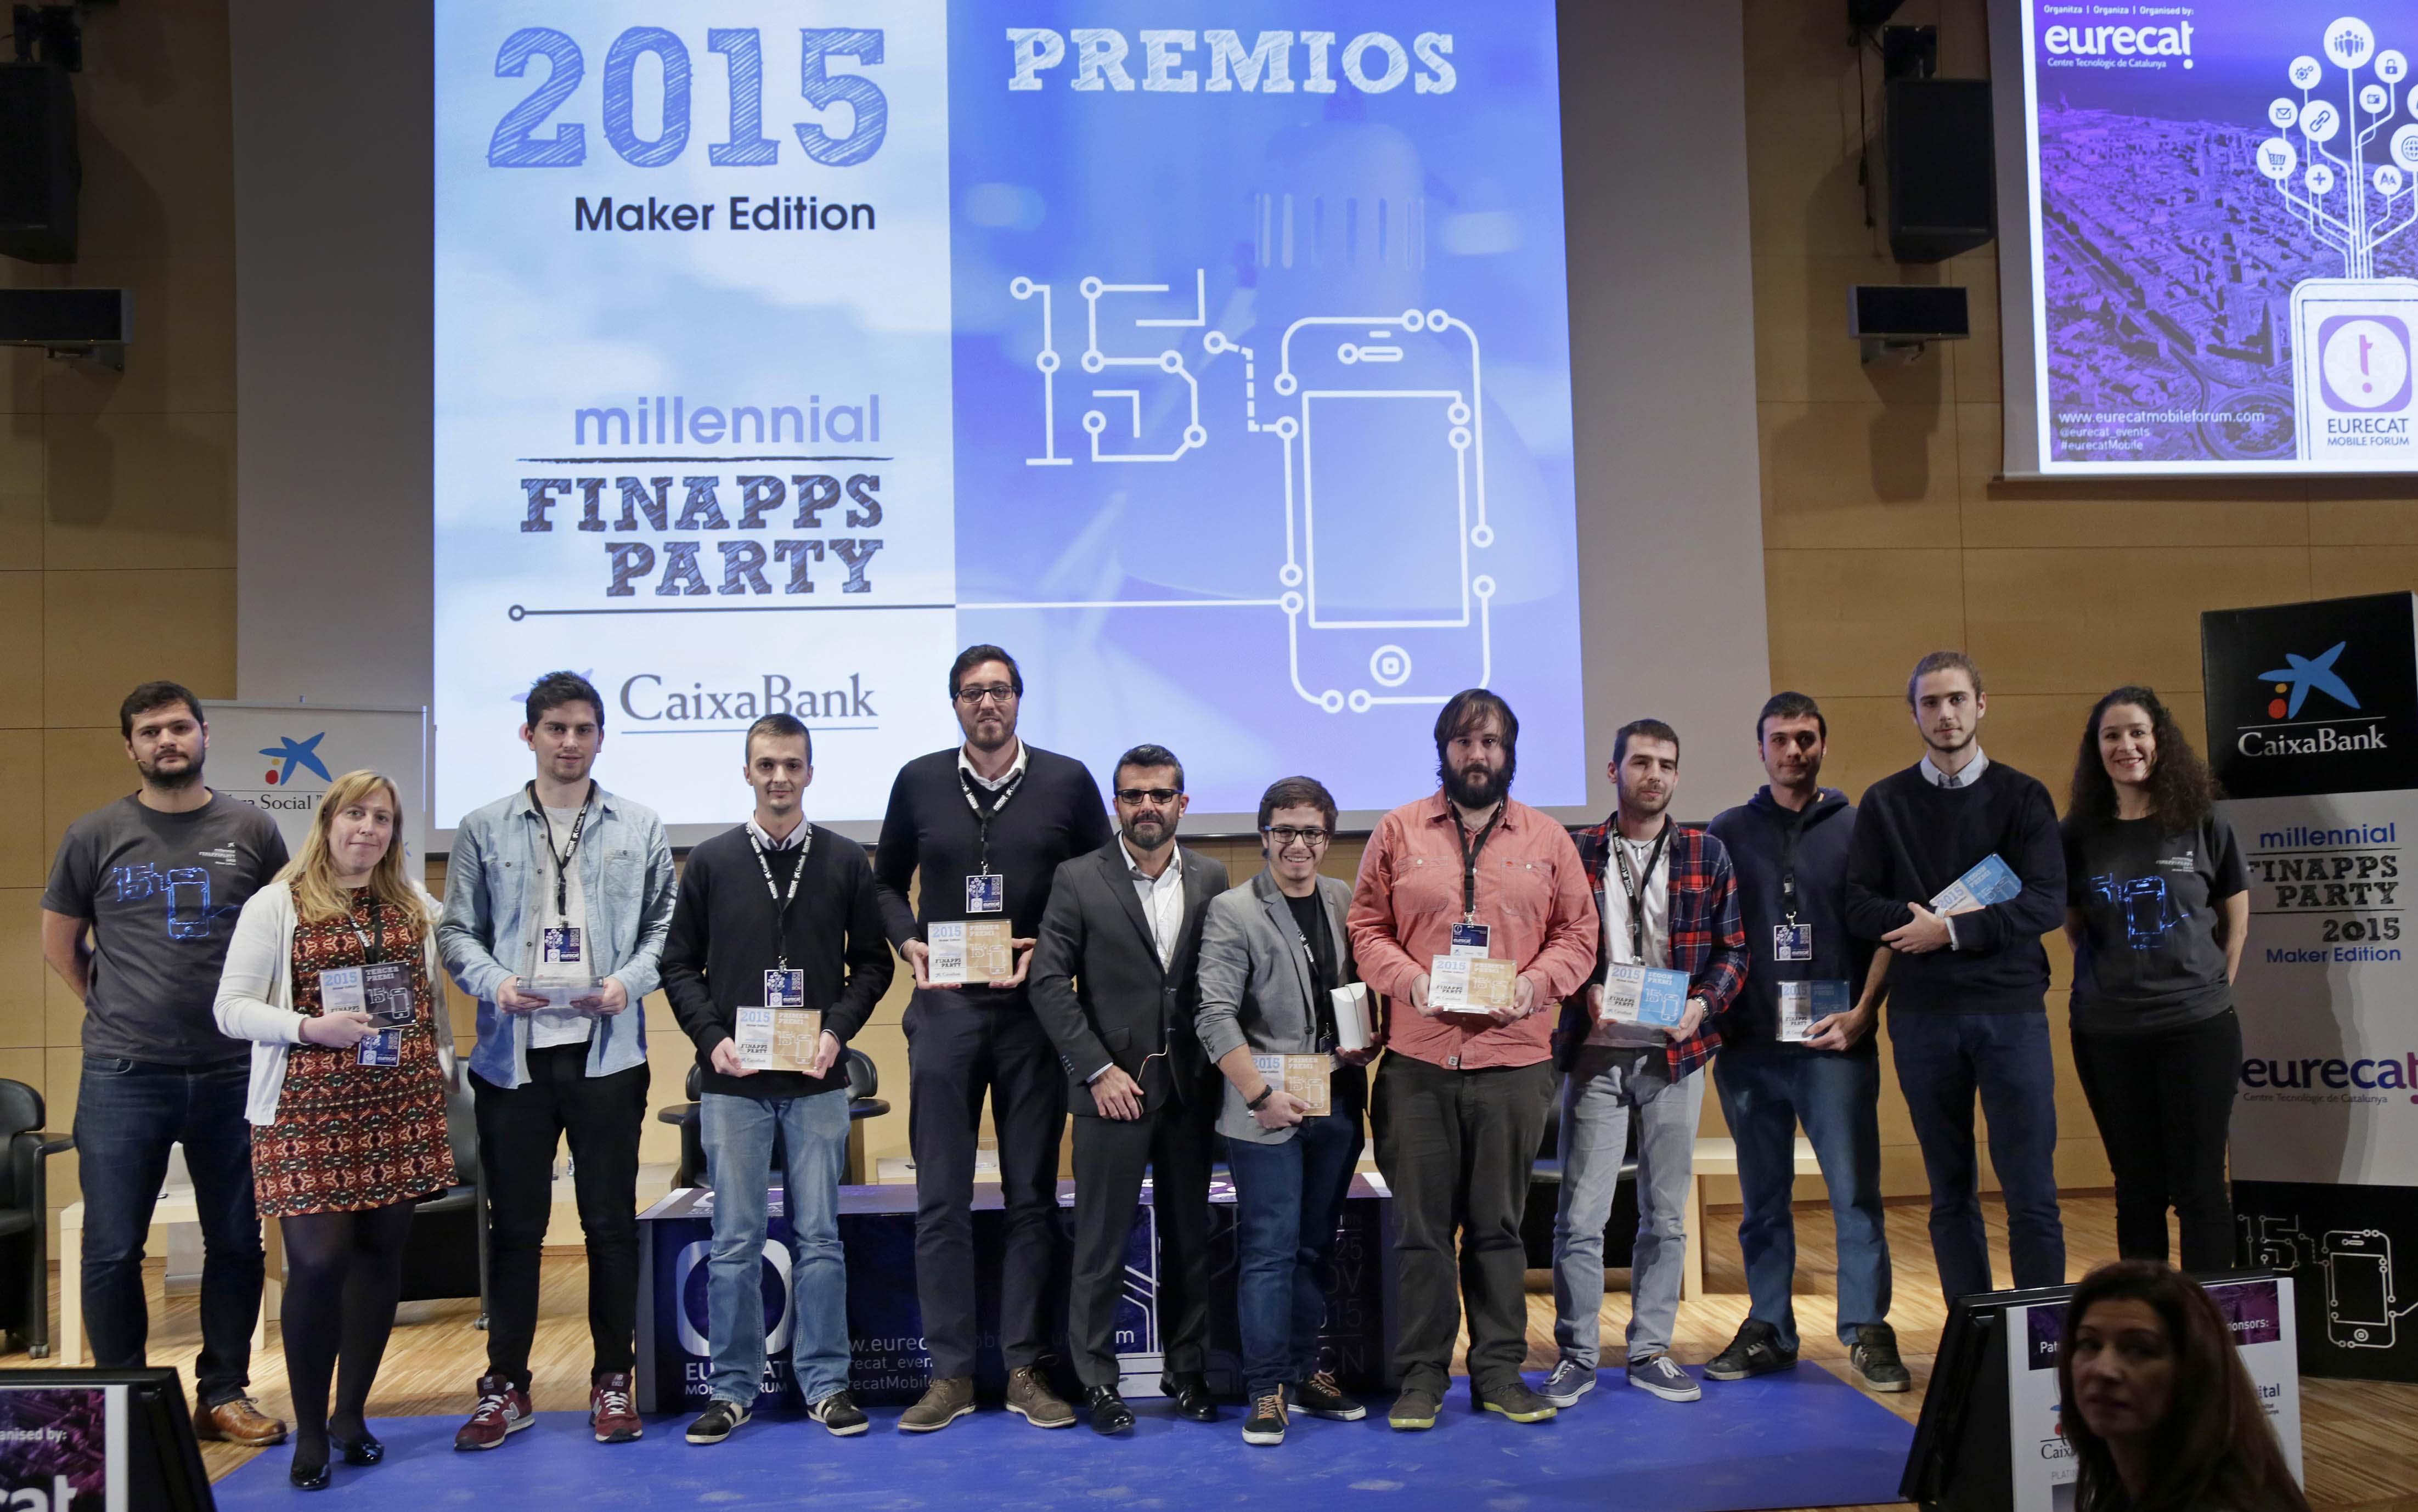 Entrega de premios FinAppsParty 2015 de CaixaBank